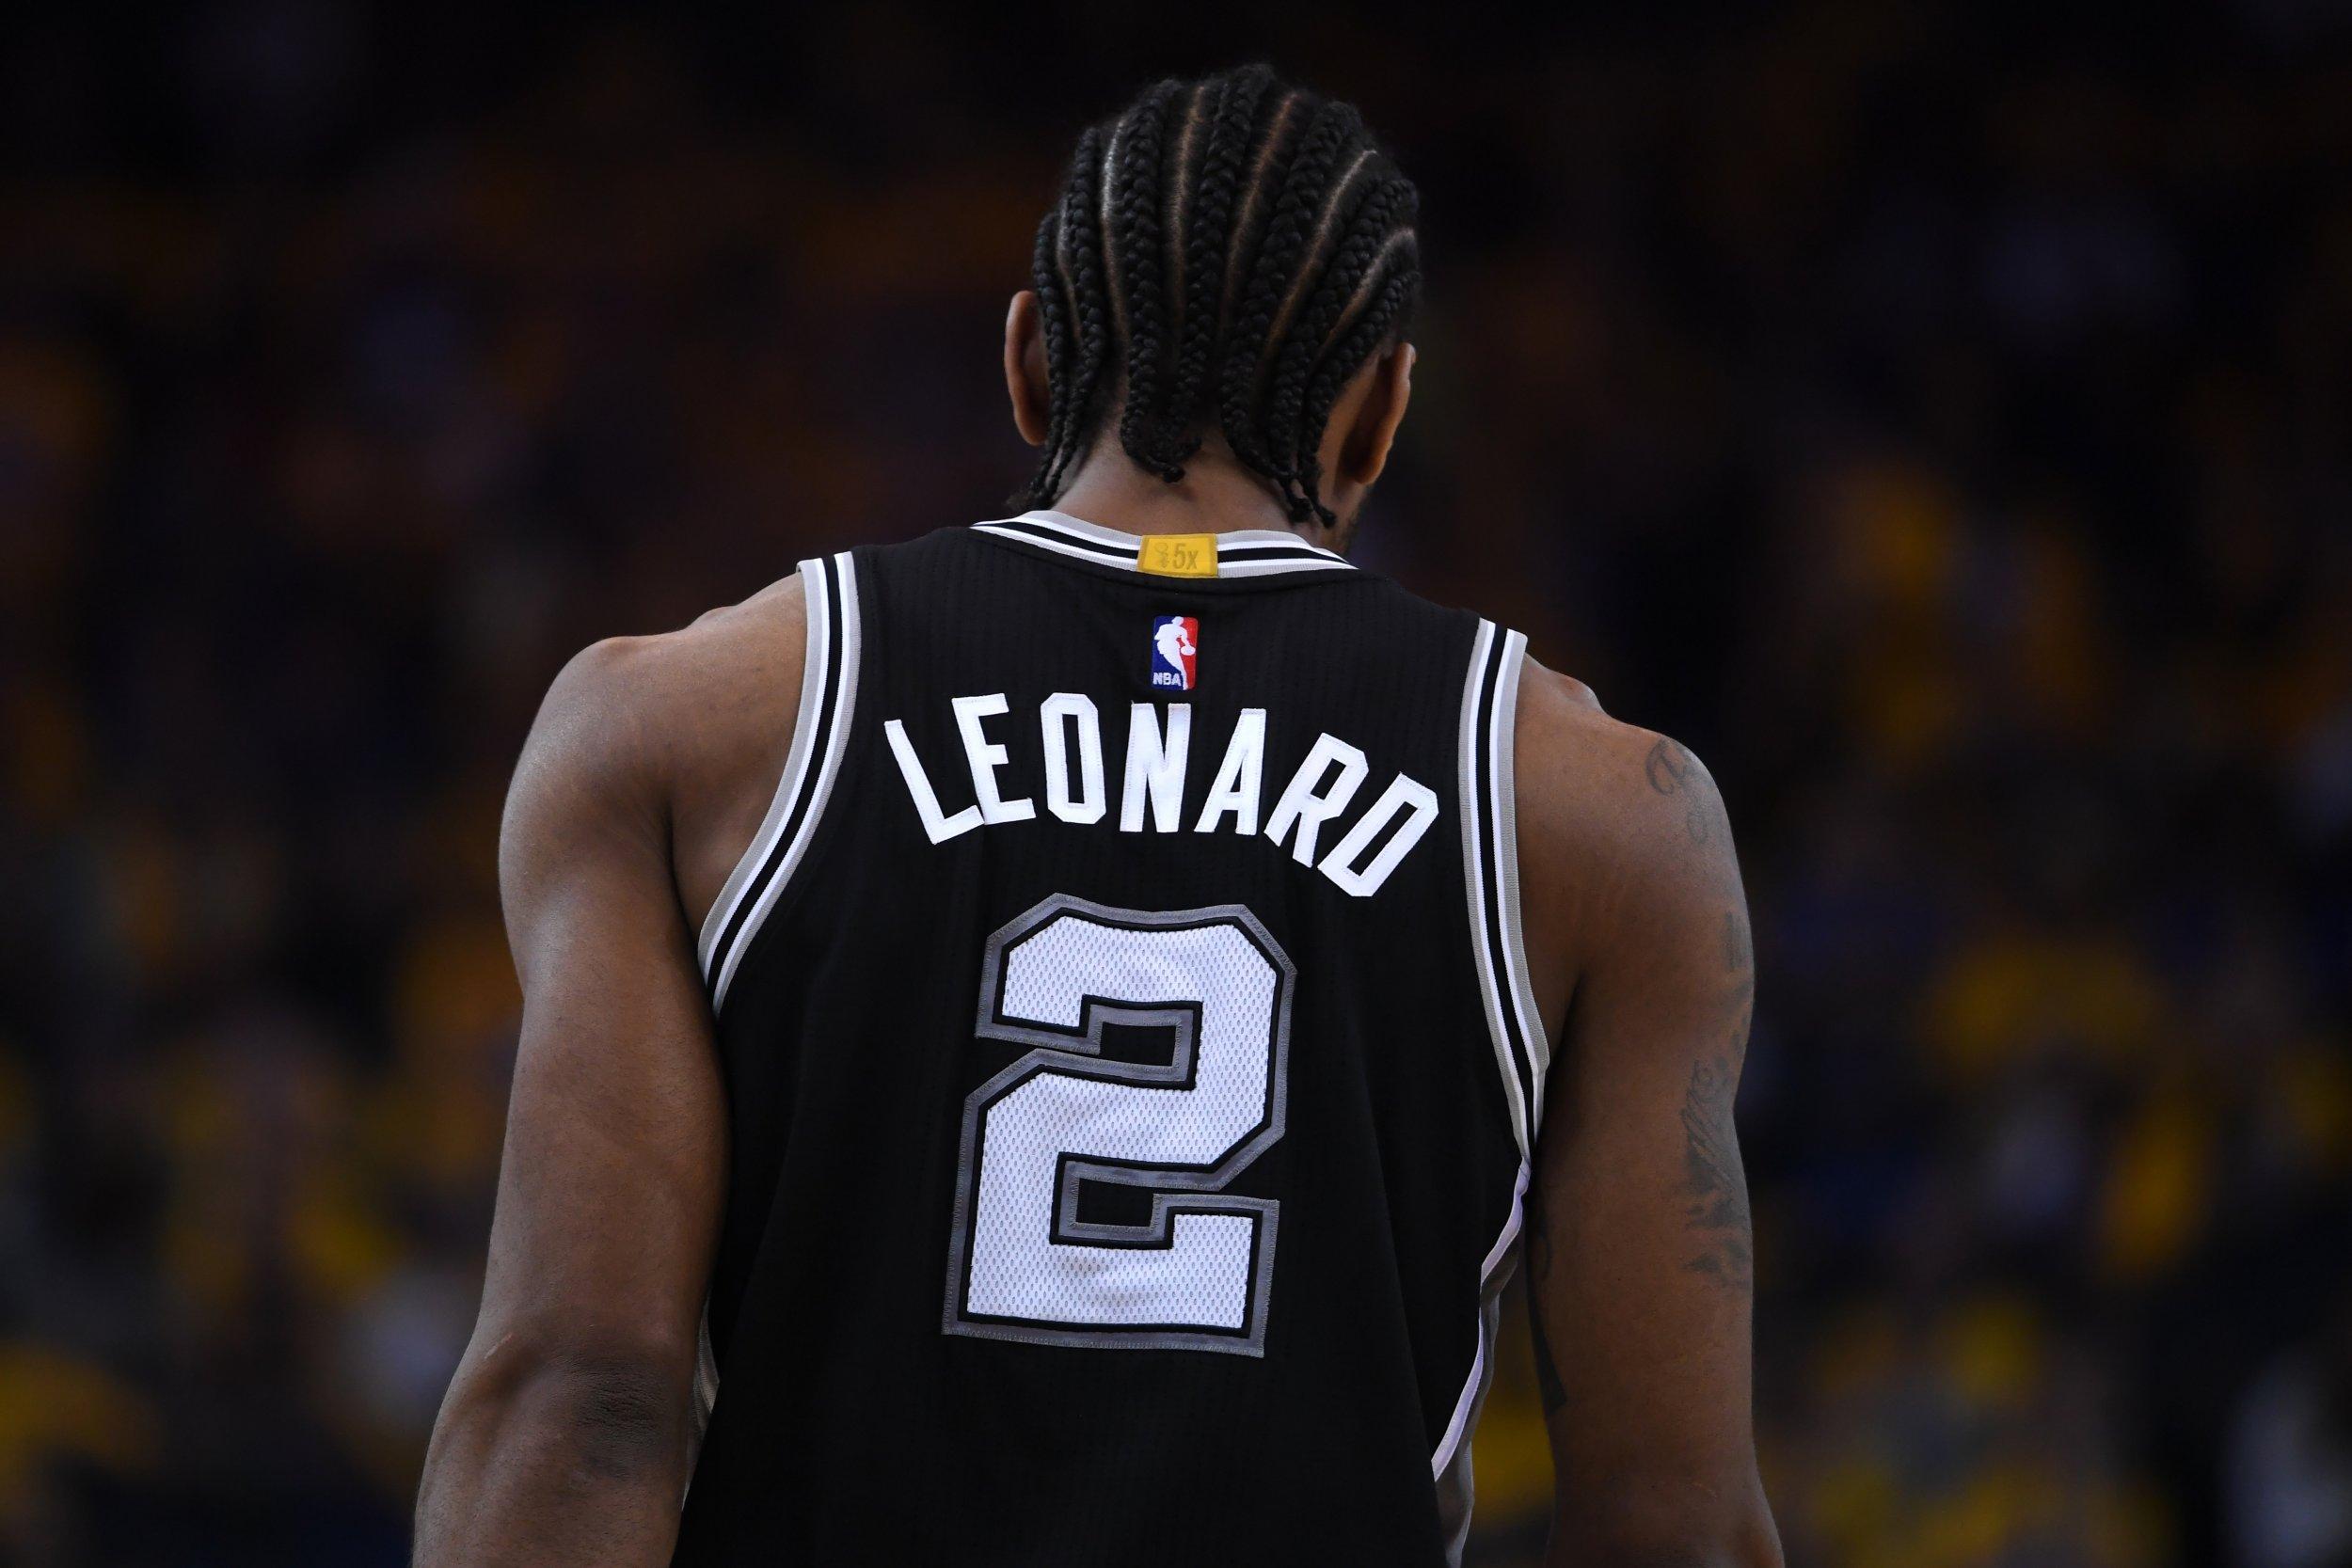 San Antonio Spurs forward Kawhi Leonard.